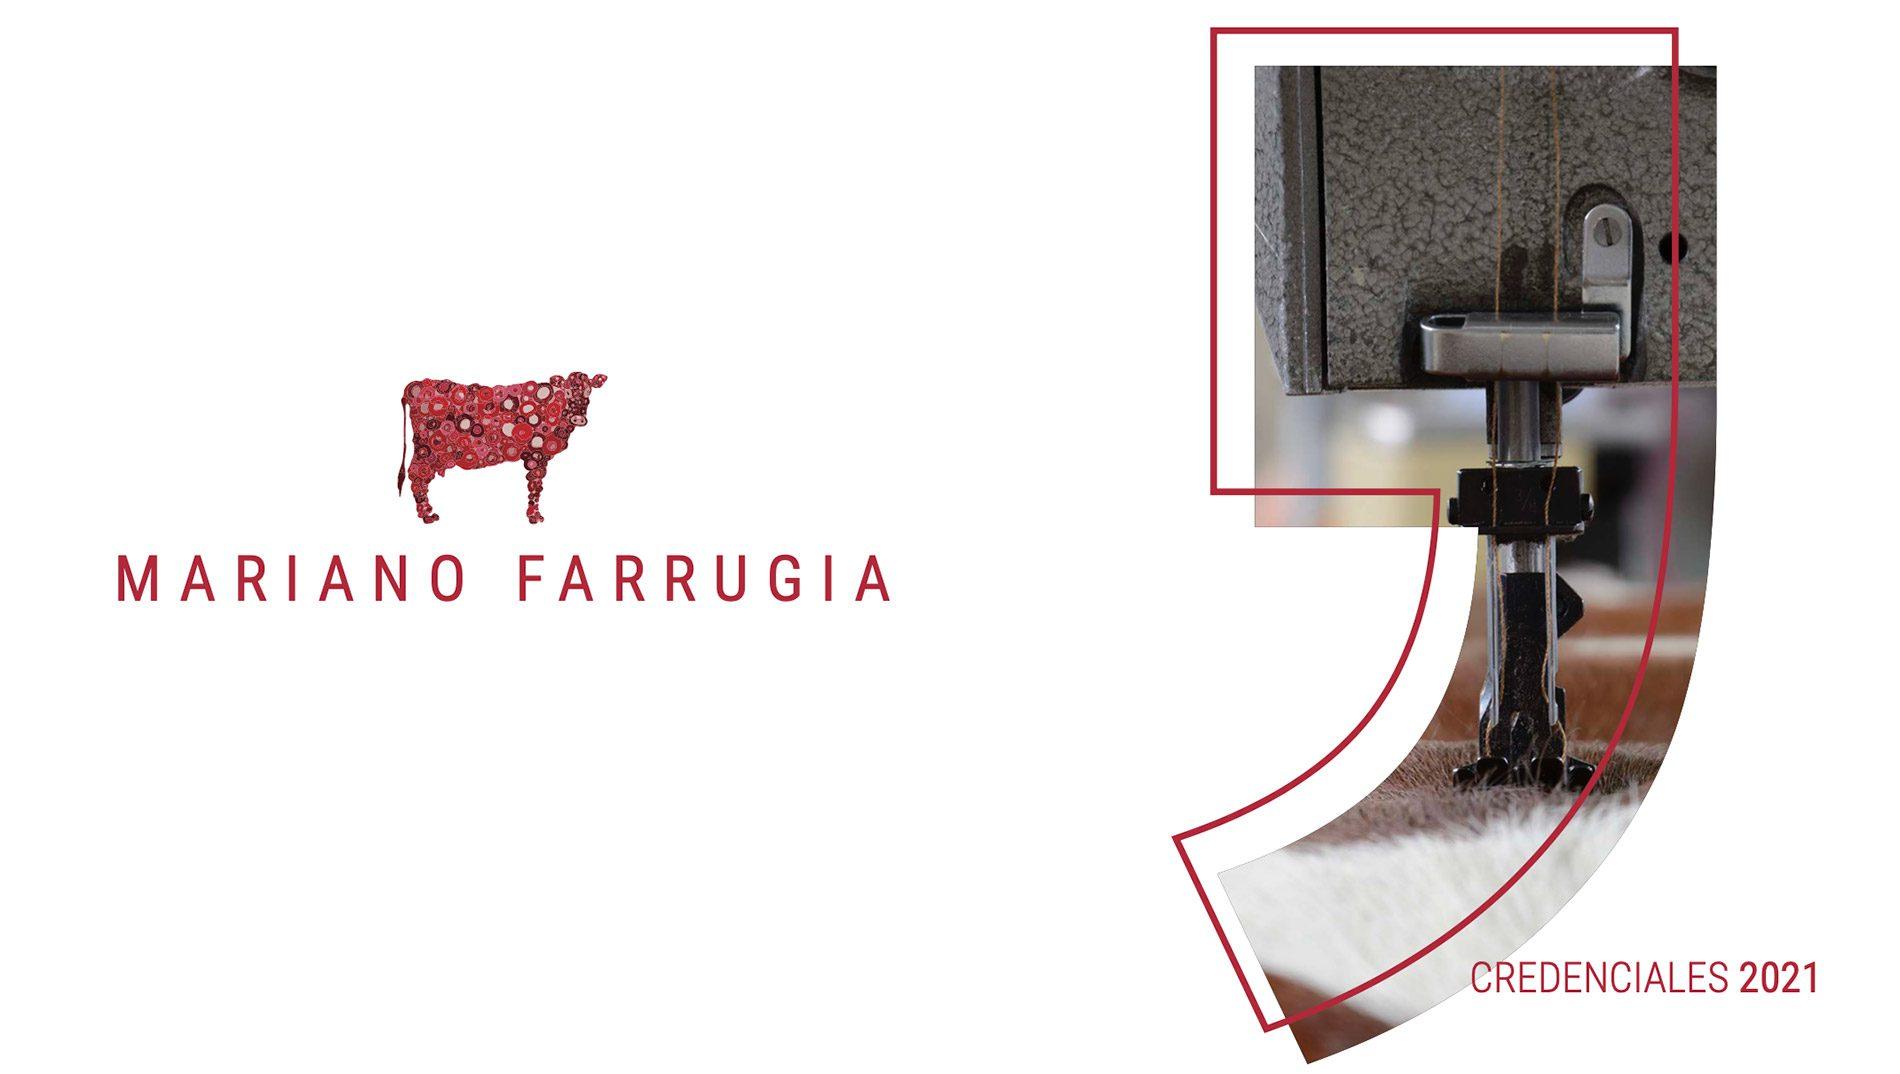 Credenciales de Mariano Farrugia